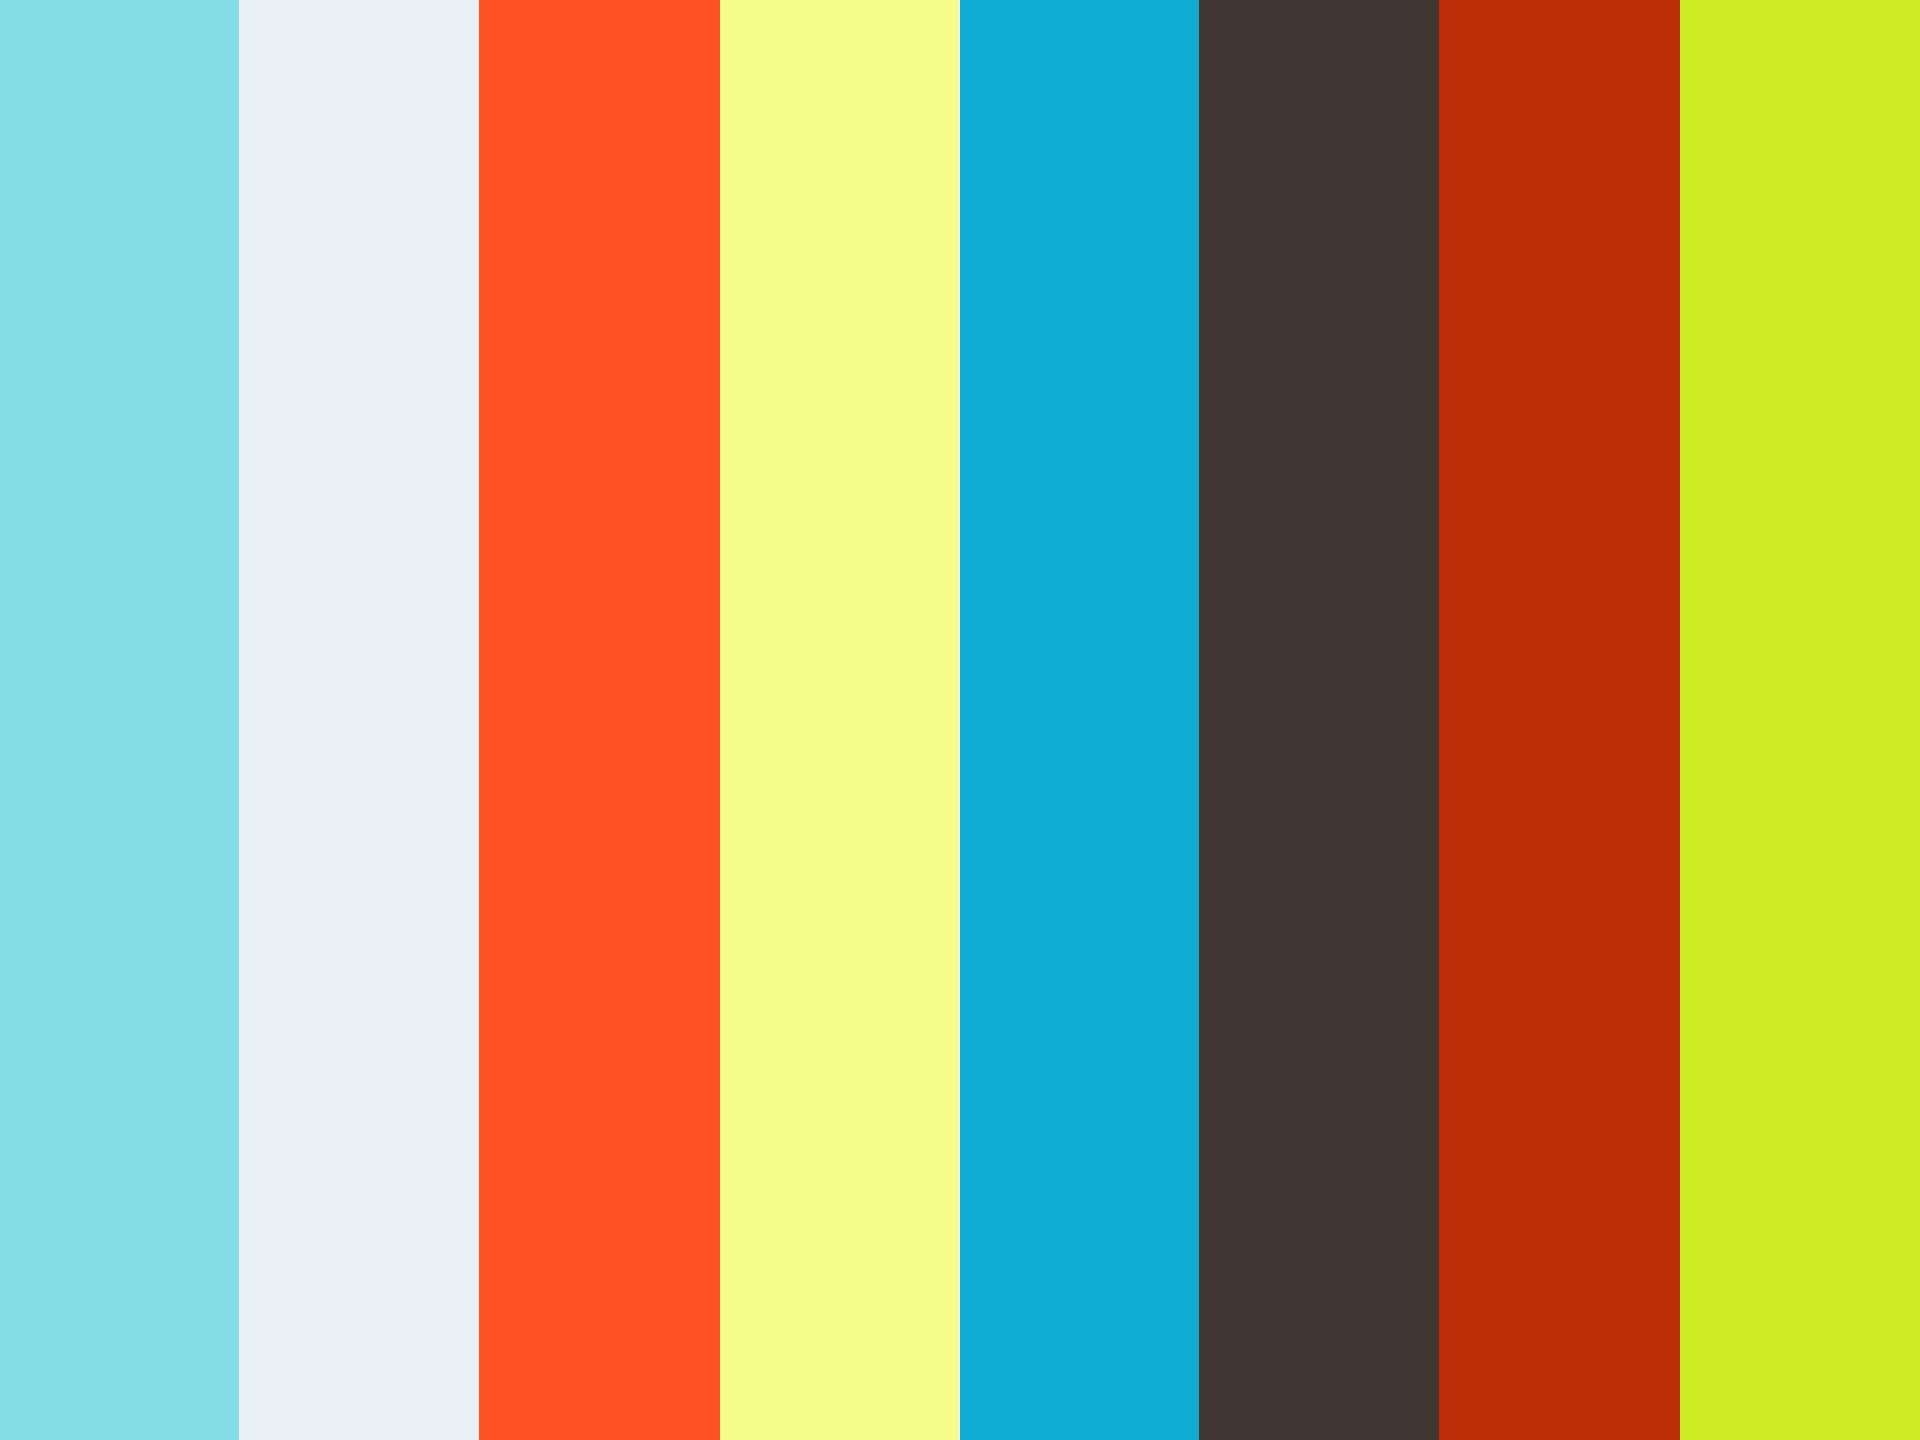 【多啦a夢粵語 機器貓粵語版】 第11集 秘密間諜大作戰_low on Vimeo